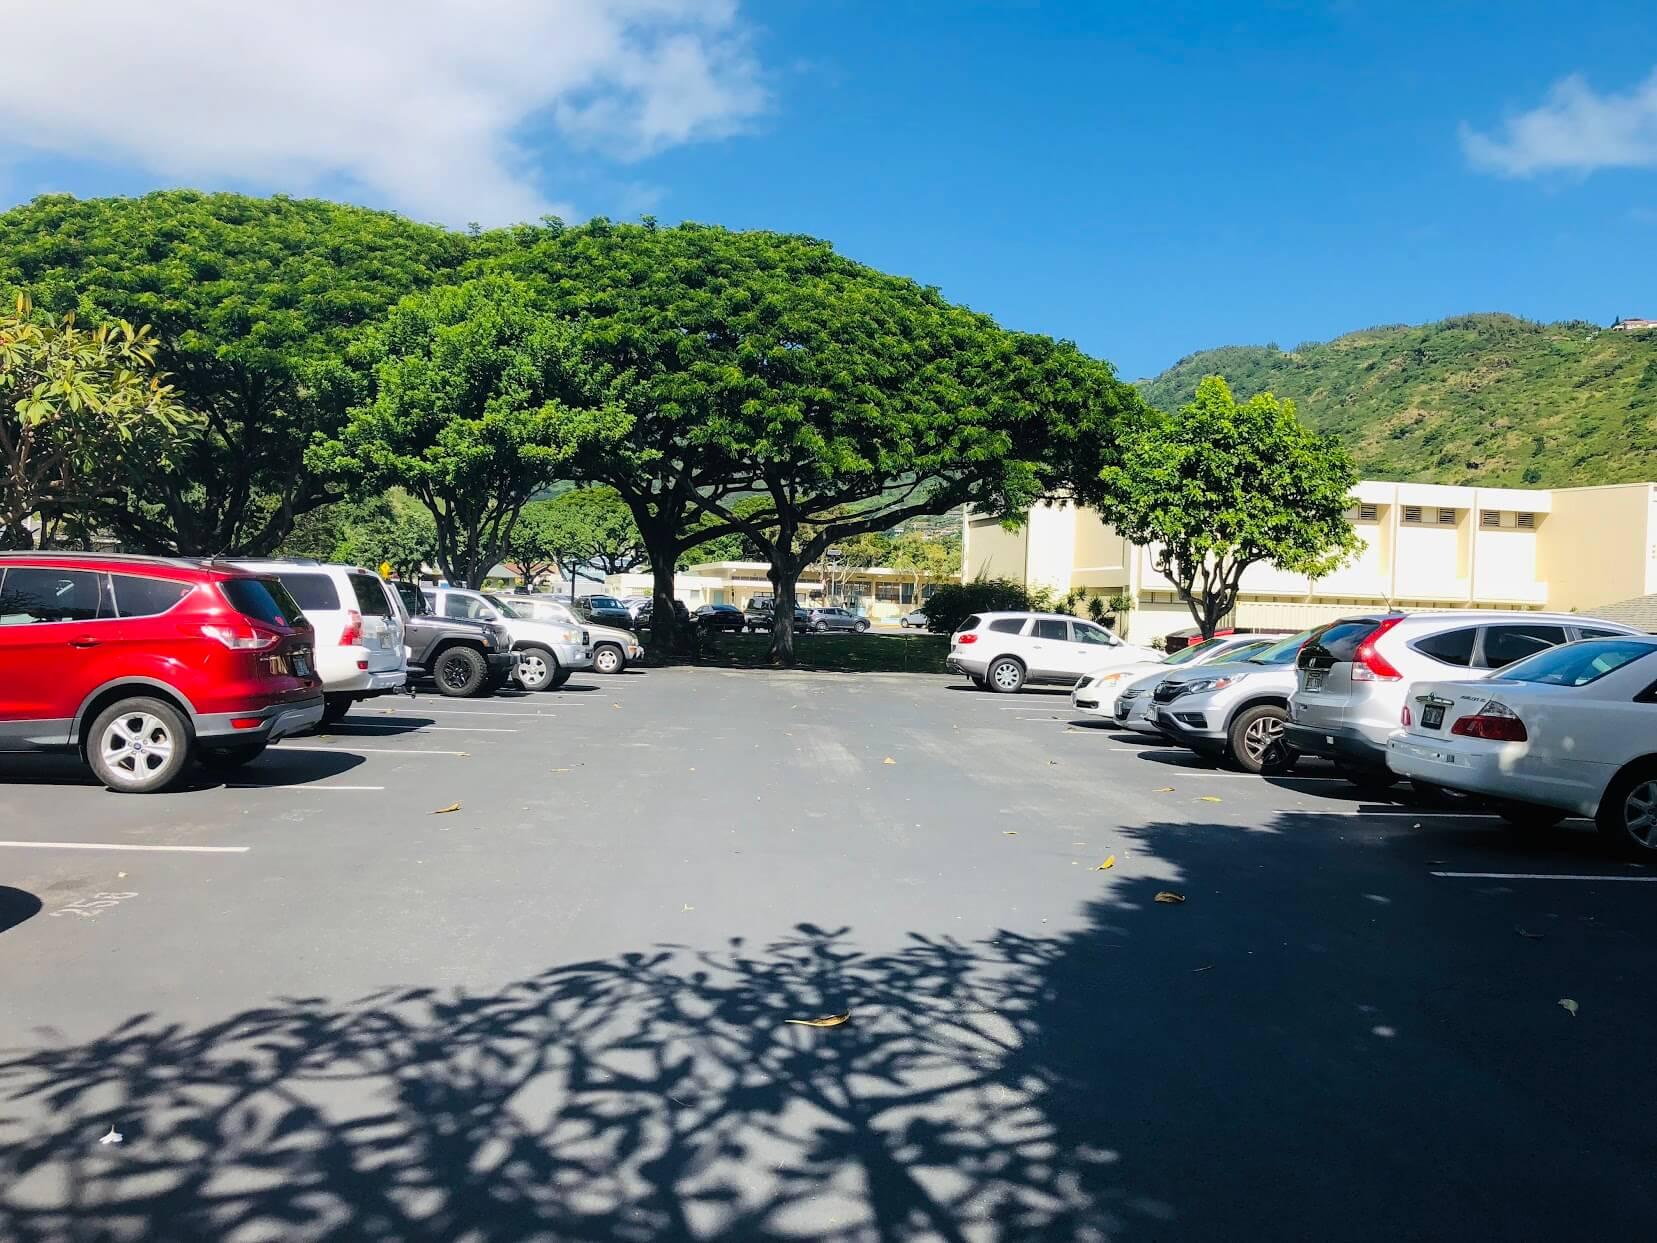 Village Greenの駐車場